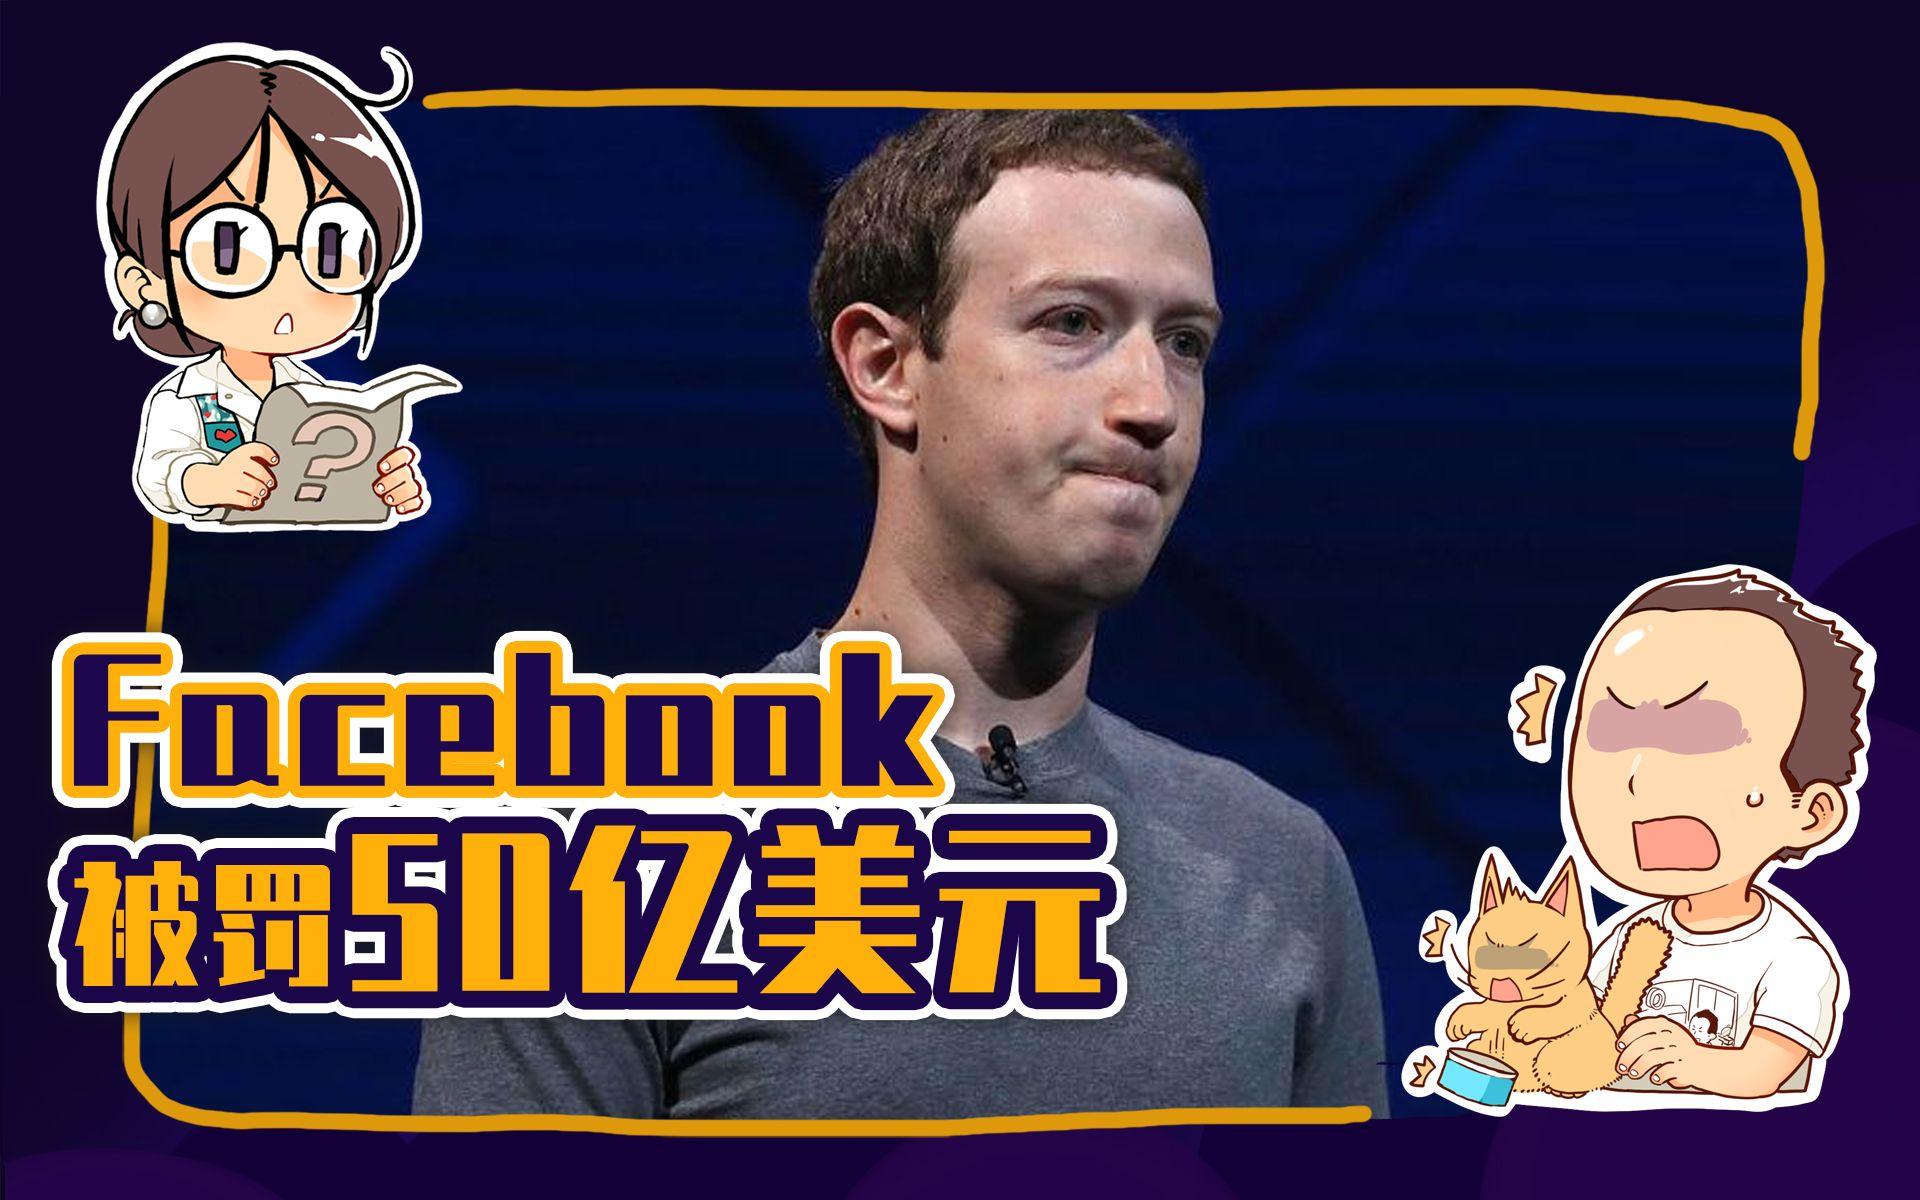 【睡前消息116】美国政府罚了脸书50亿美元,这个我们真可以学?